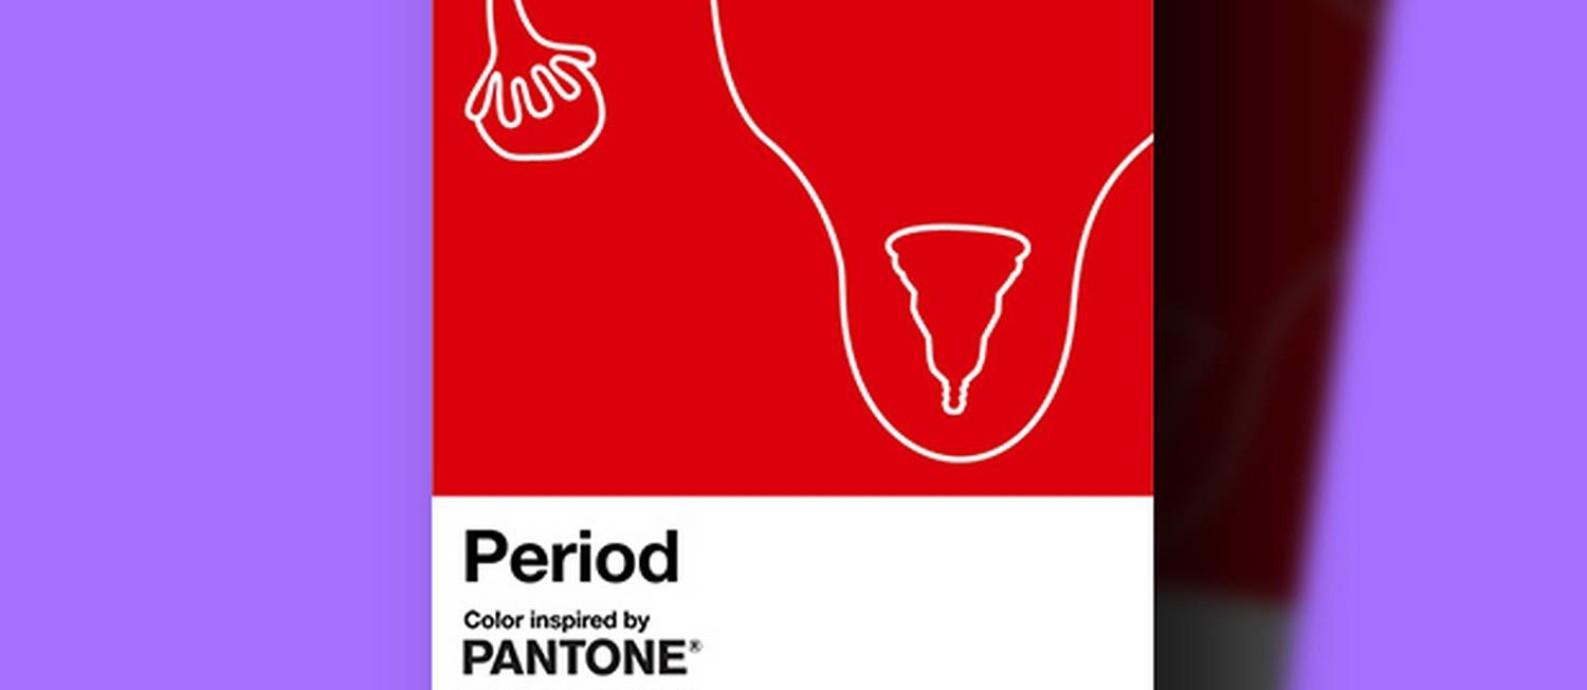 Sem tabu: novo tom de vermelho vivo da Pantone foi batizado de 'Period' para promover relação positiva com o período menstrual Foto: Reprodução/Pantone